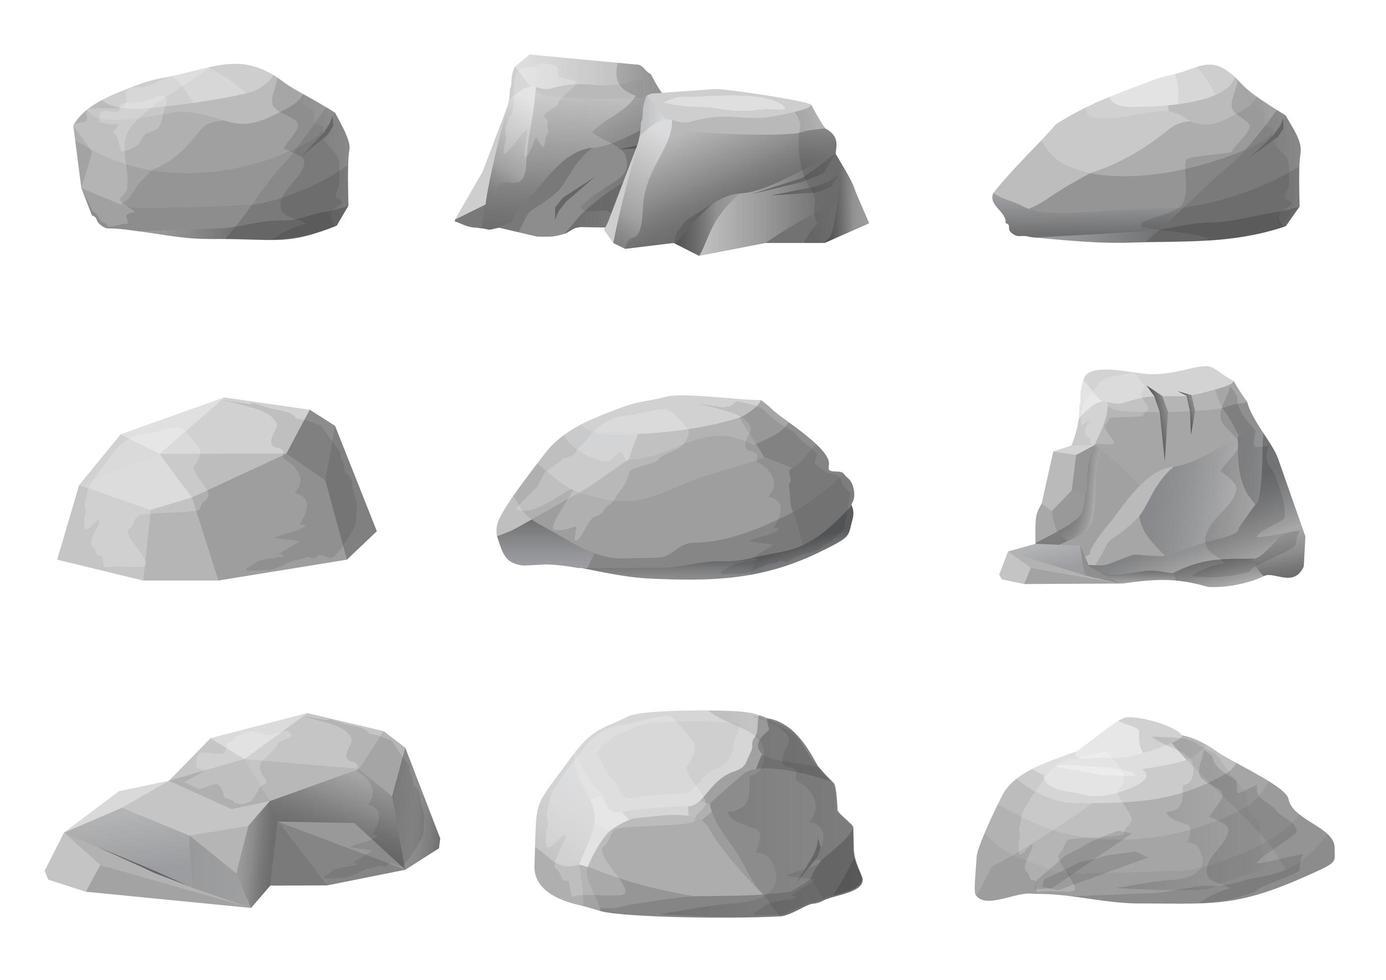 uppsättning olika naturliga stenar vektor